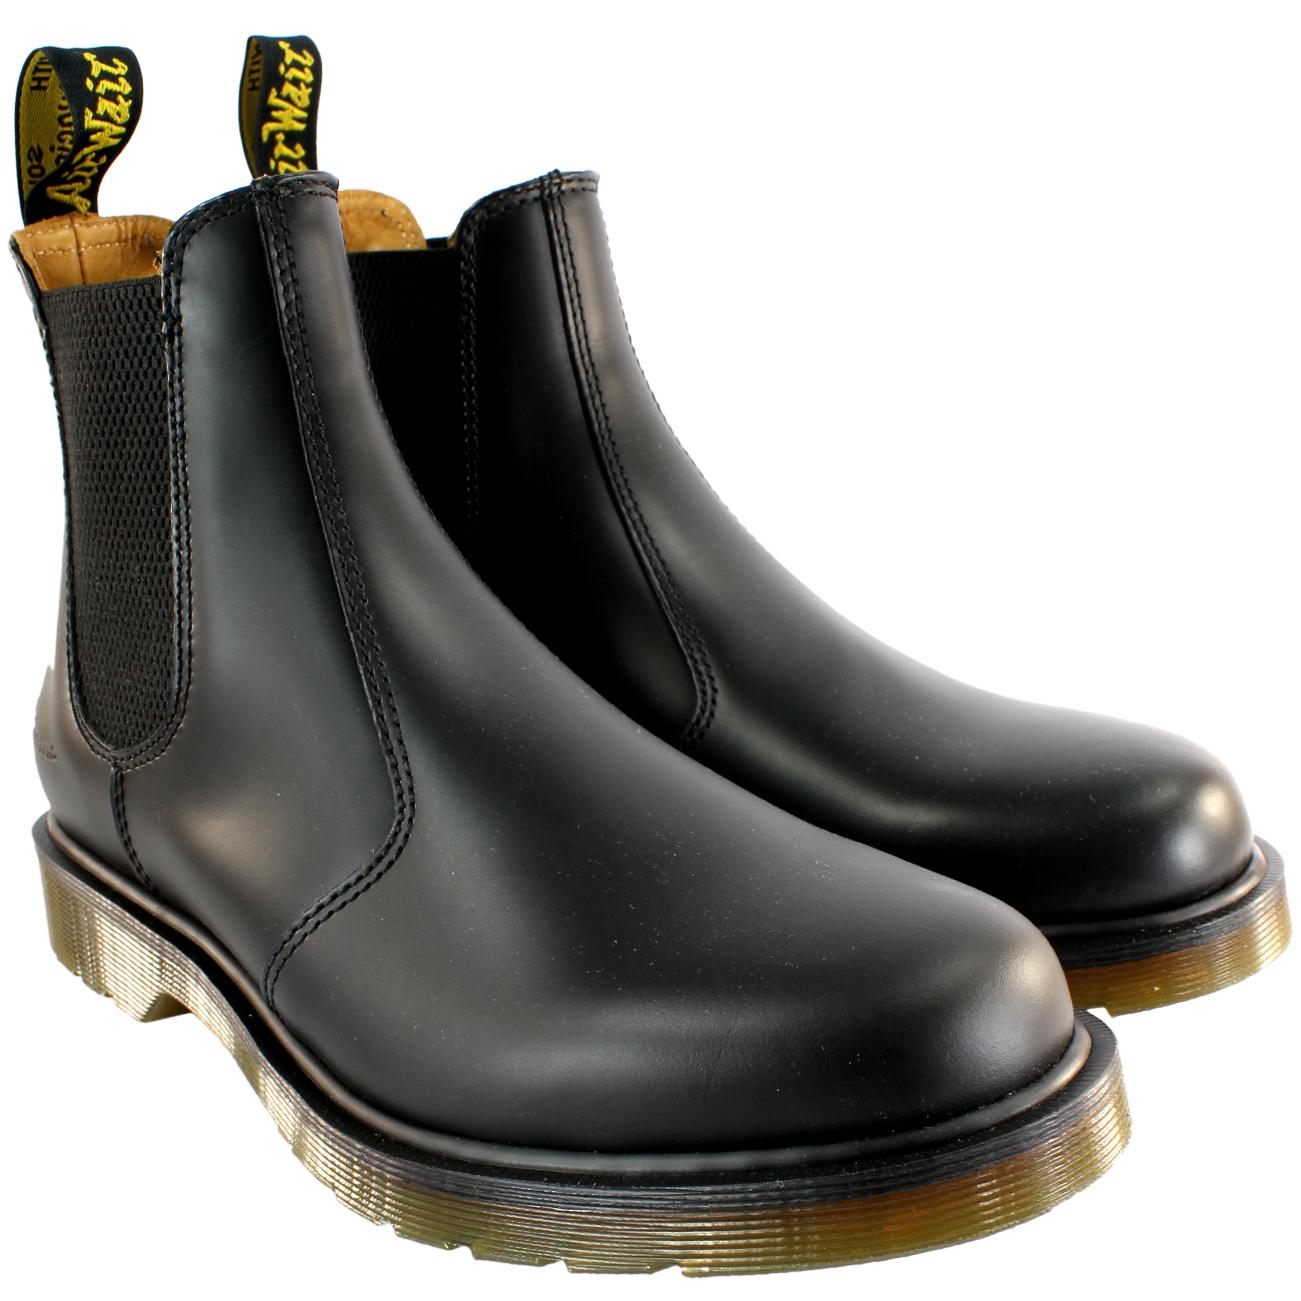 Dr Marten 2976 Ankle Boots